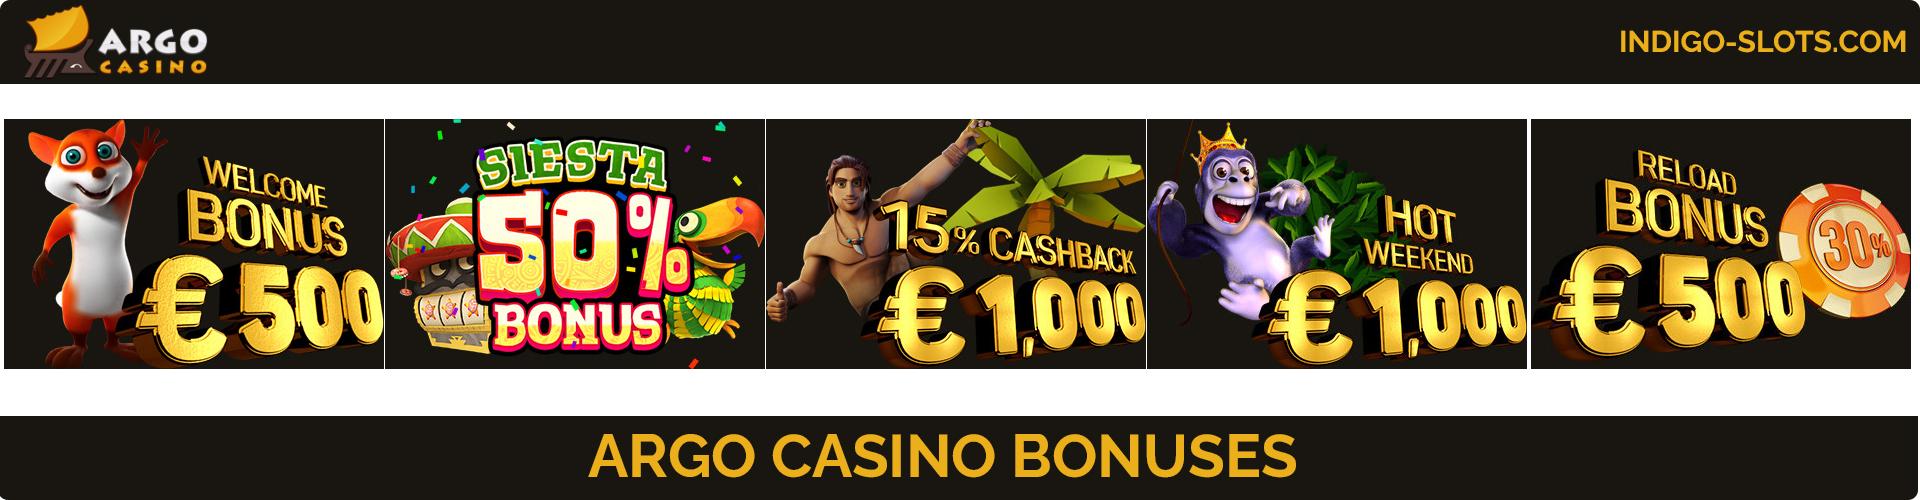 Argo Casino review bonuses.